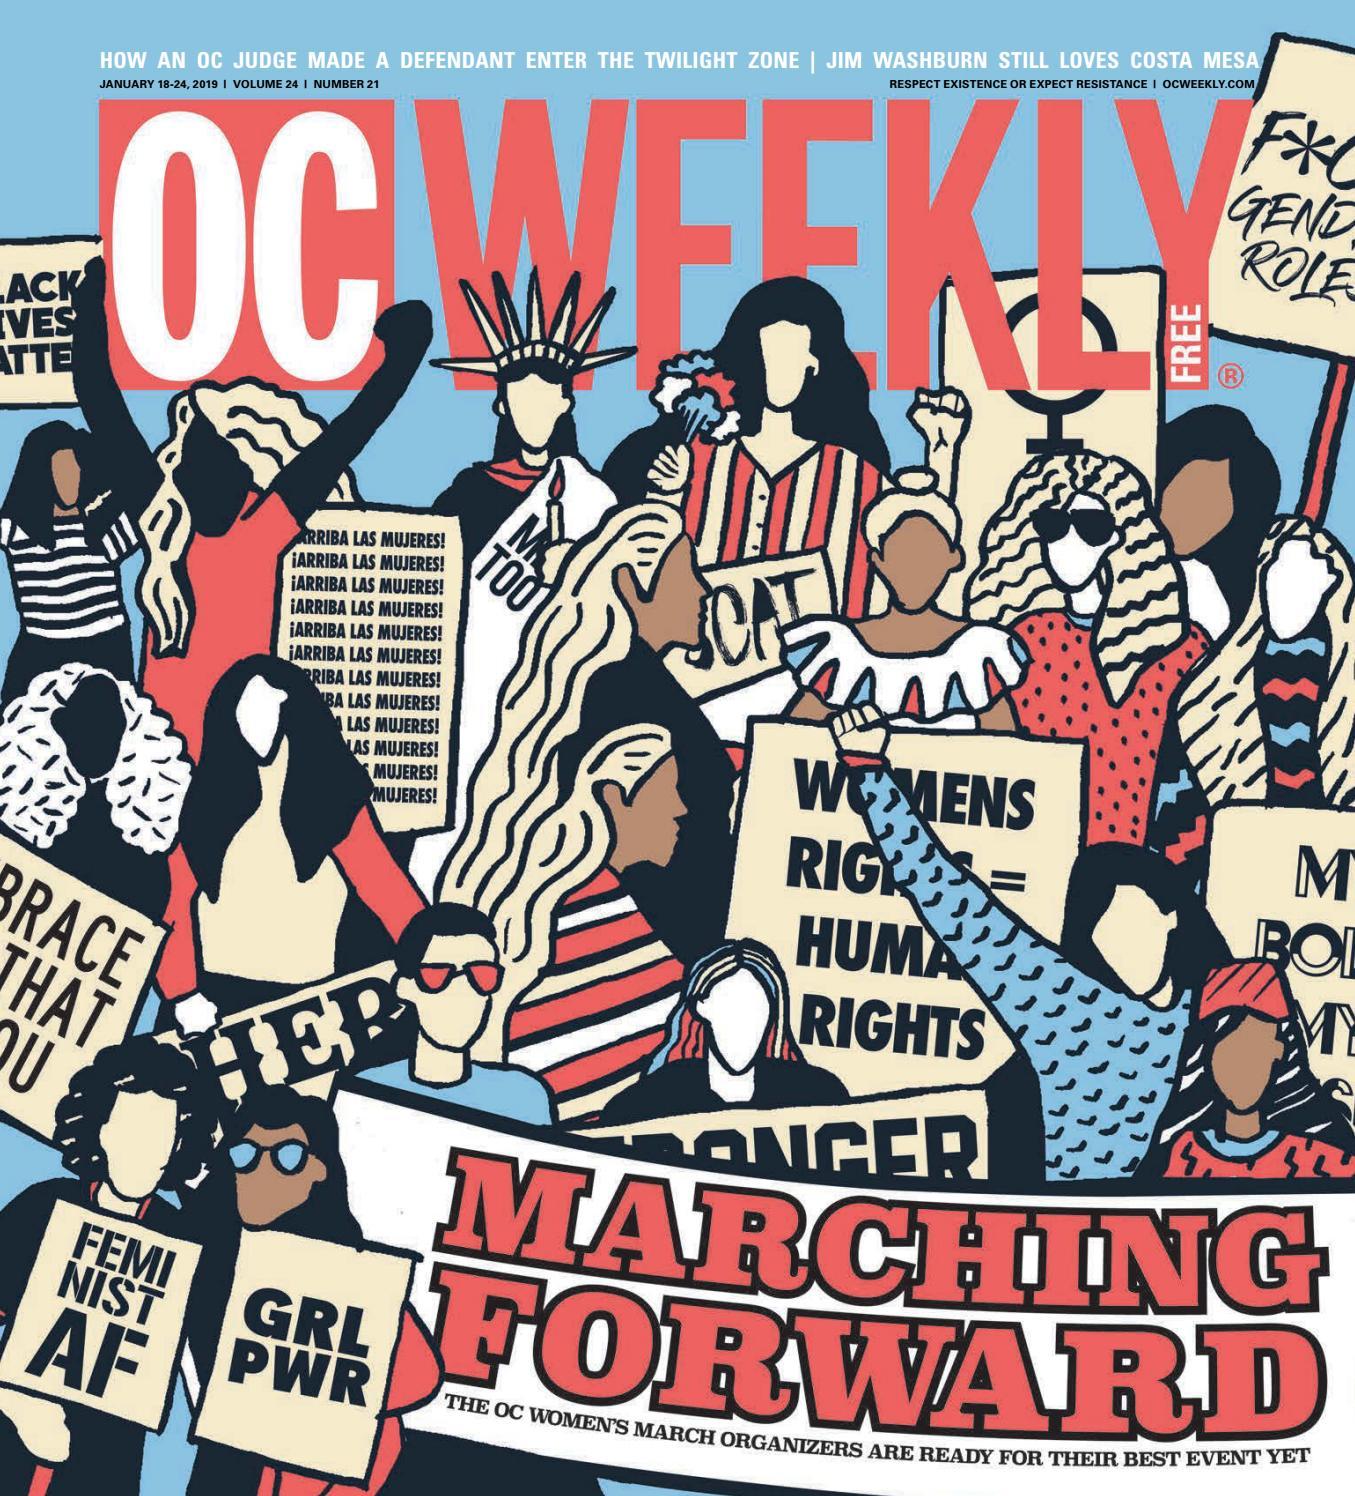 January 17, 2019 - OC Weekly